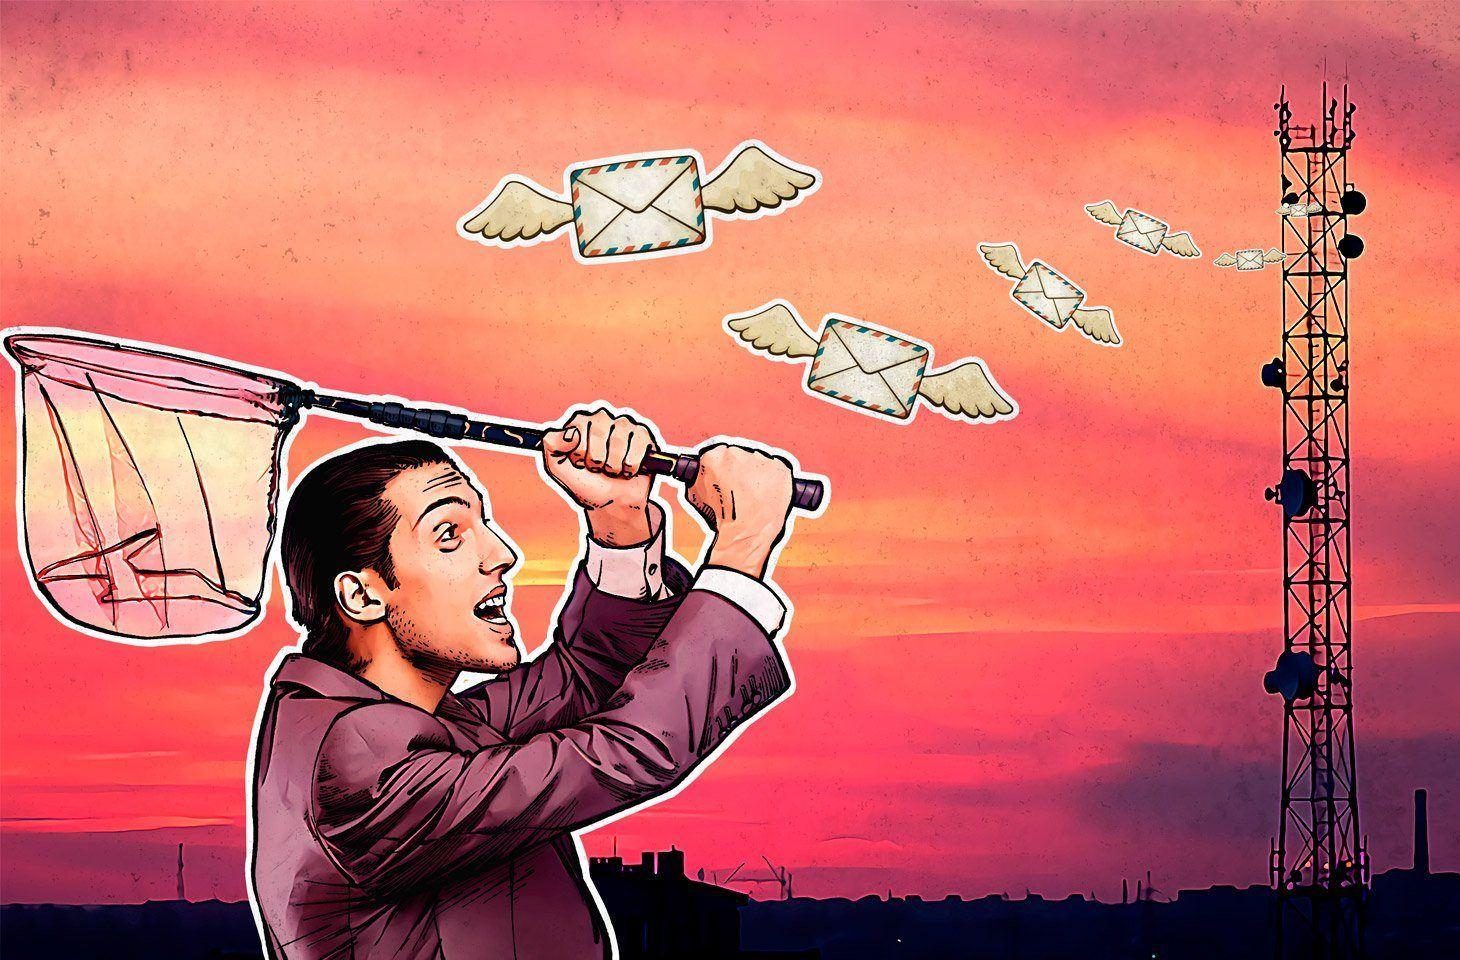 Kaspersky: Pourquoi l'authentification à deux facteurs n'est-elle pas suffisante ? SS7, sms, Sécurité, Mobile, chevaux de Troie bancaires, authentification à deux facteurs